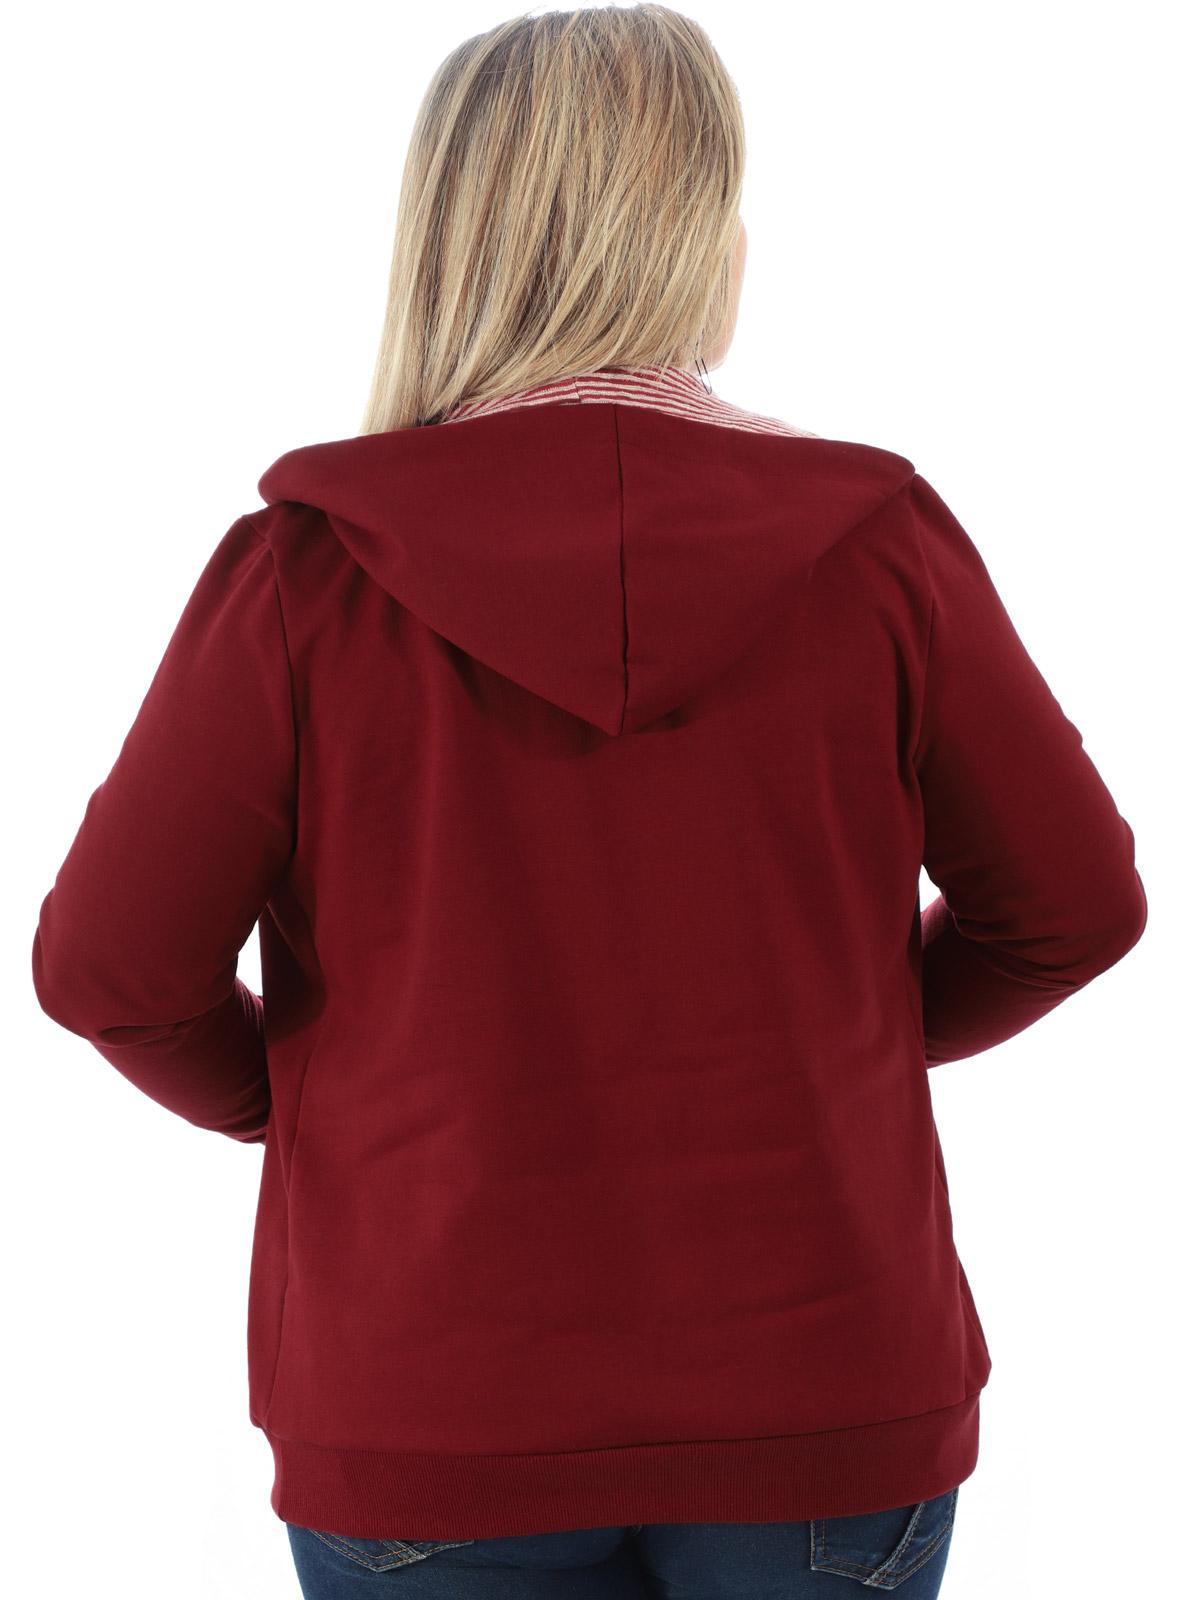 Casaco Plus Size de Moletom Forro do Capuz Listrado Bordo